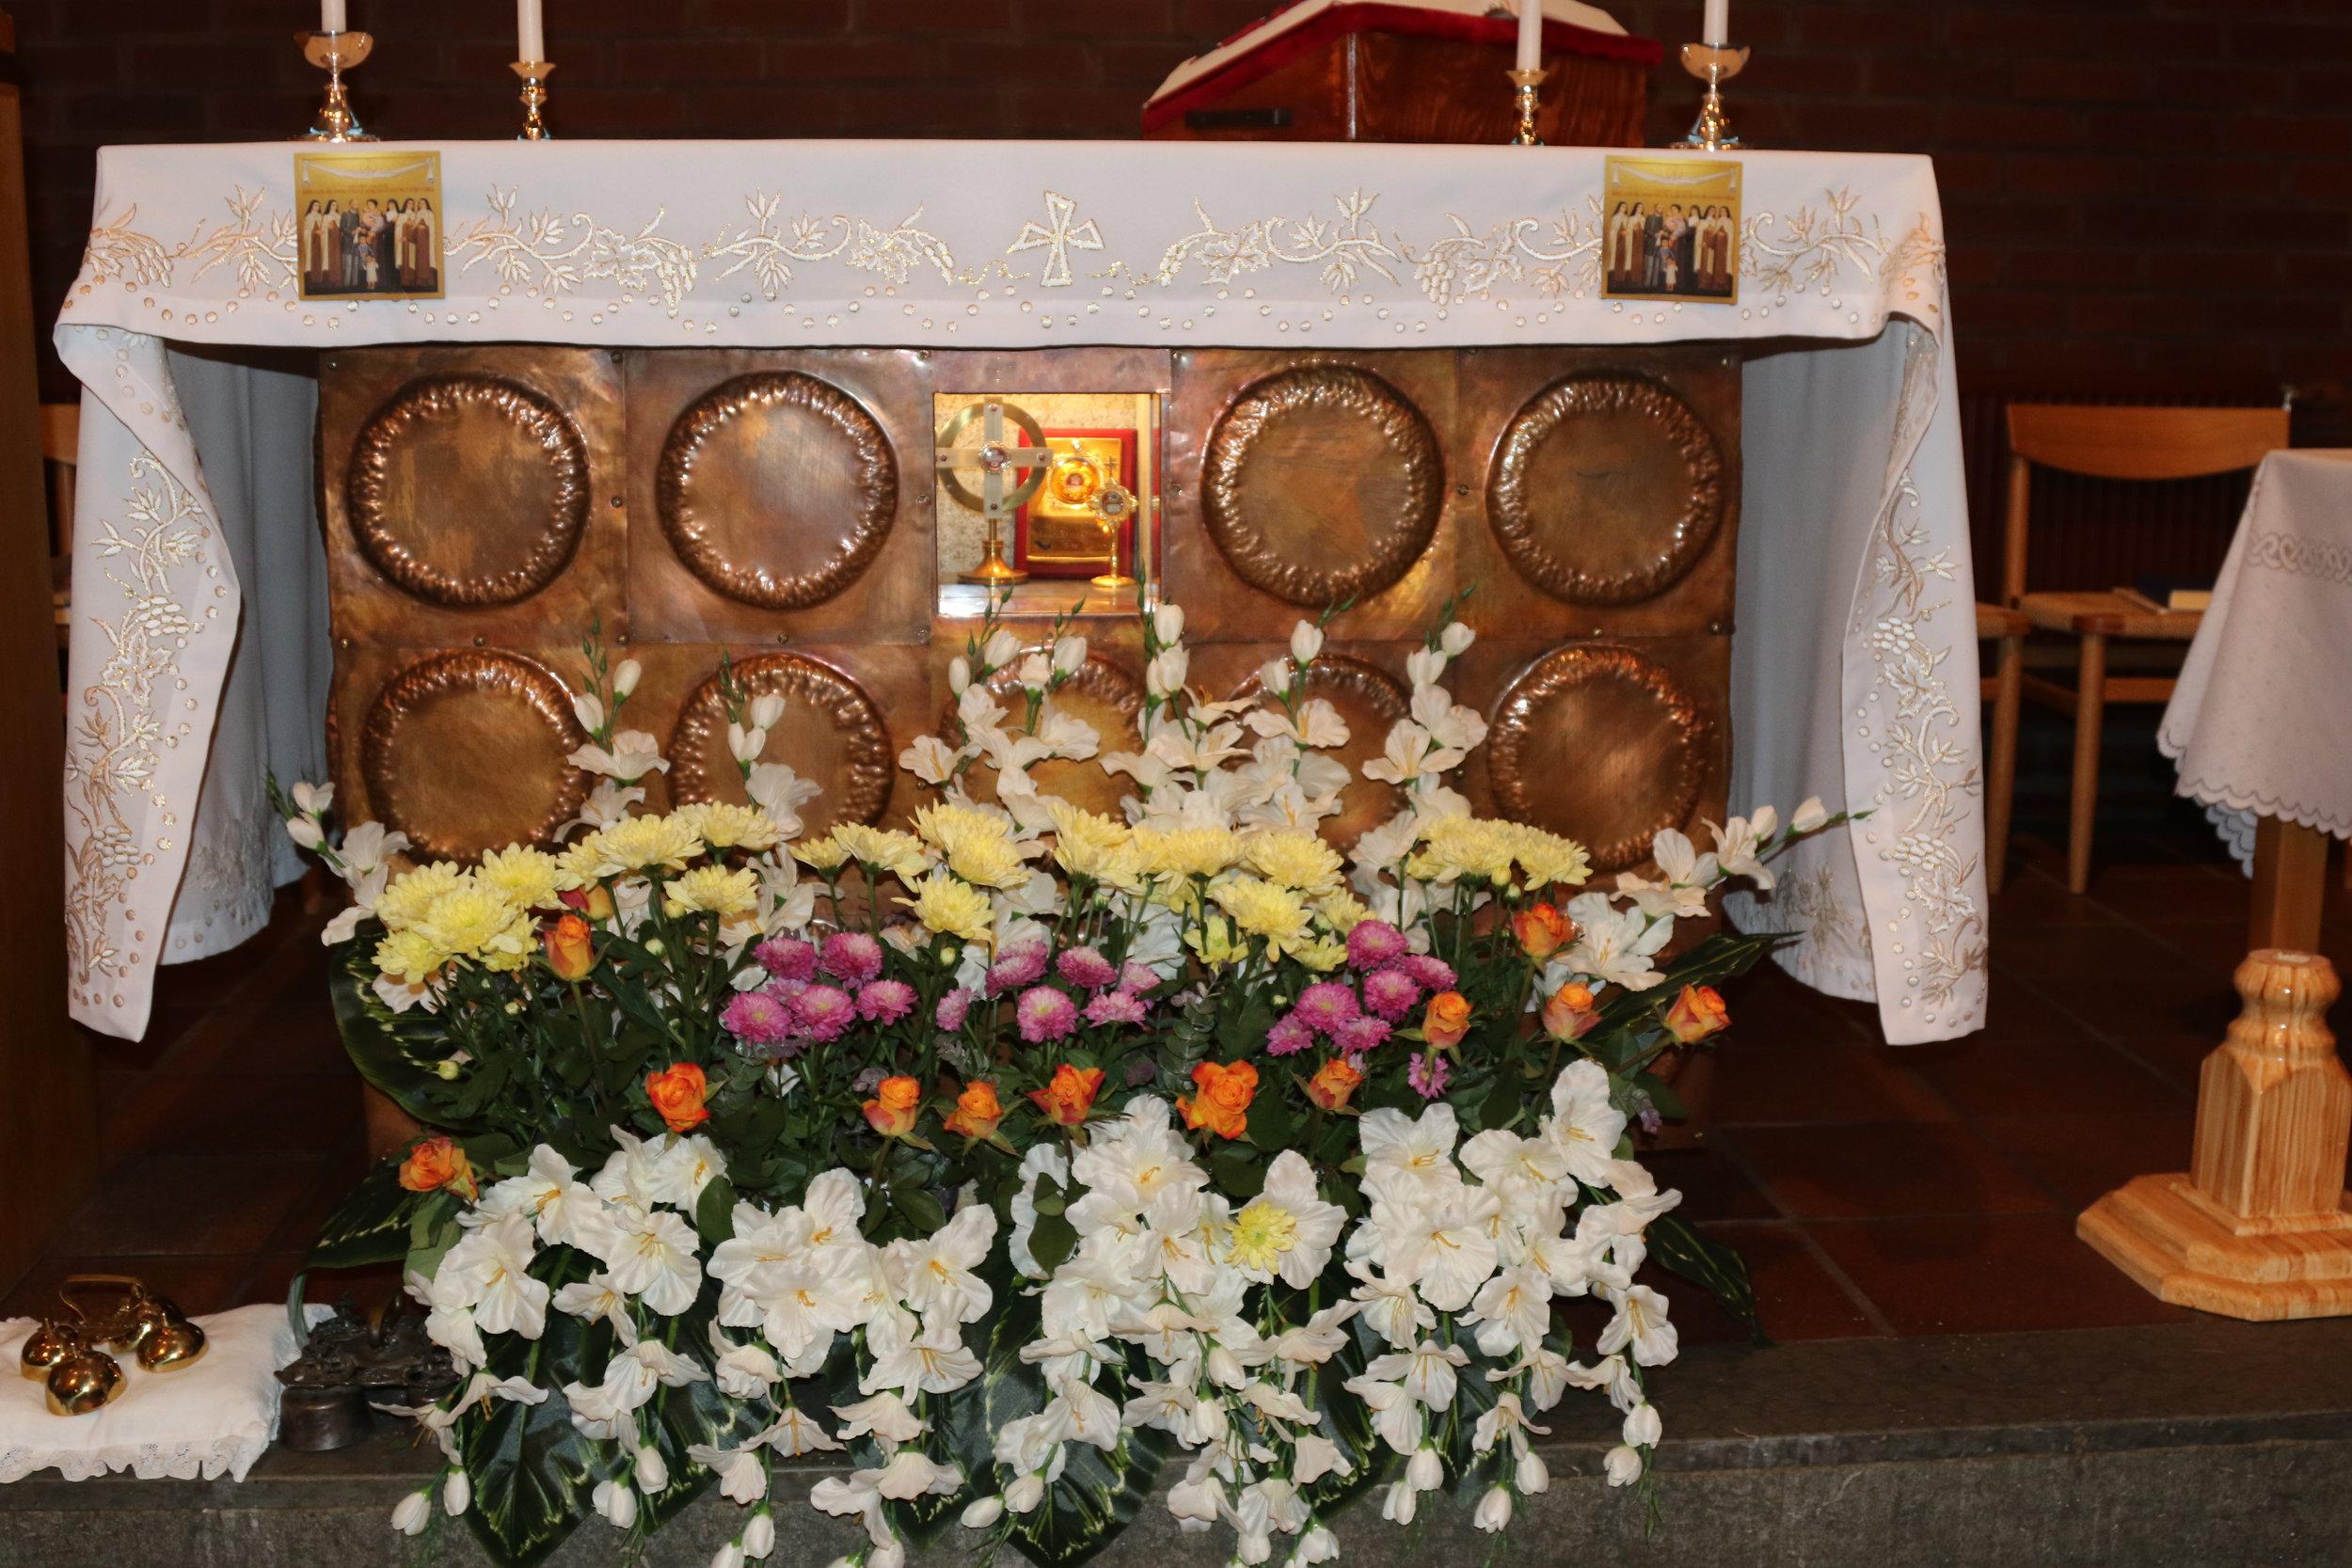 Altaret - De heliga relikerna i altaret synliggjordes under relikmottagningen.